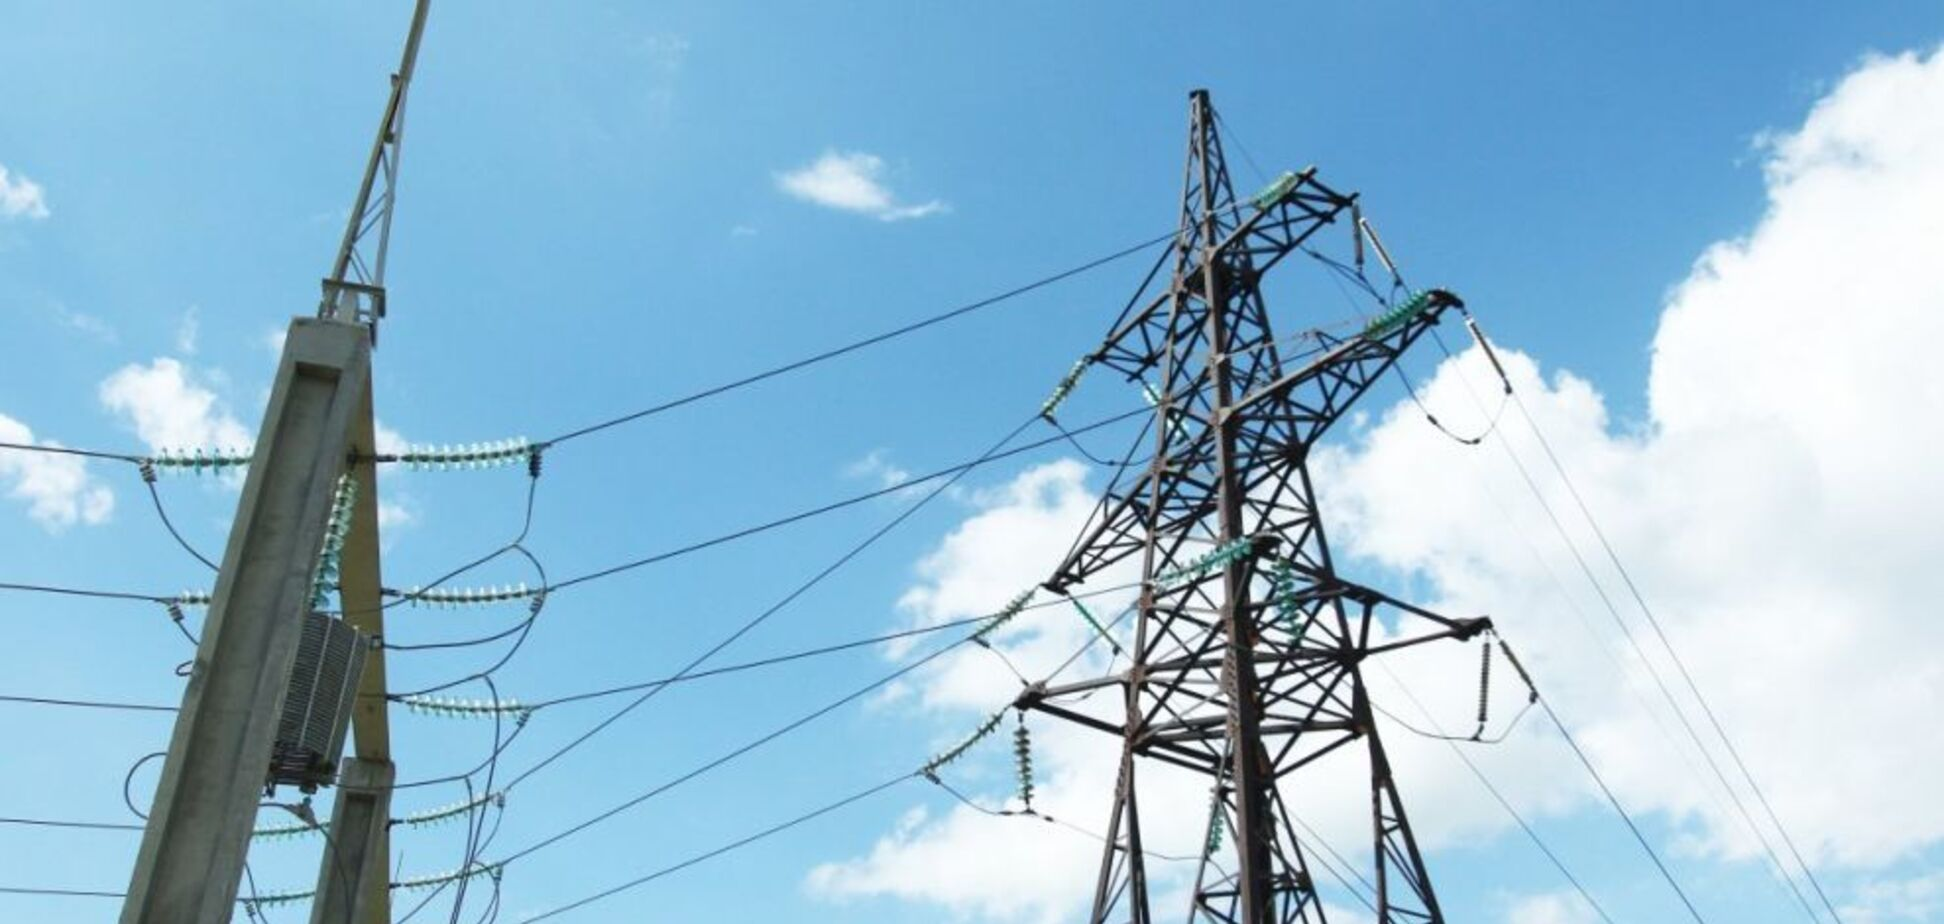 Цінова істерика любителів дешевої електроенергії – не інакше як чергова маніпуляція